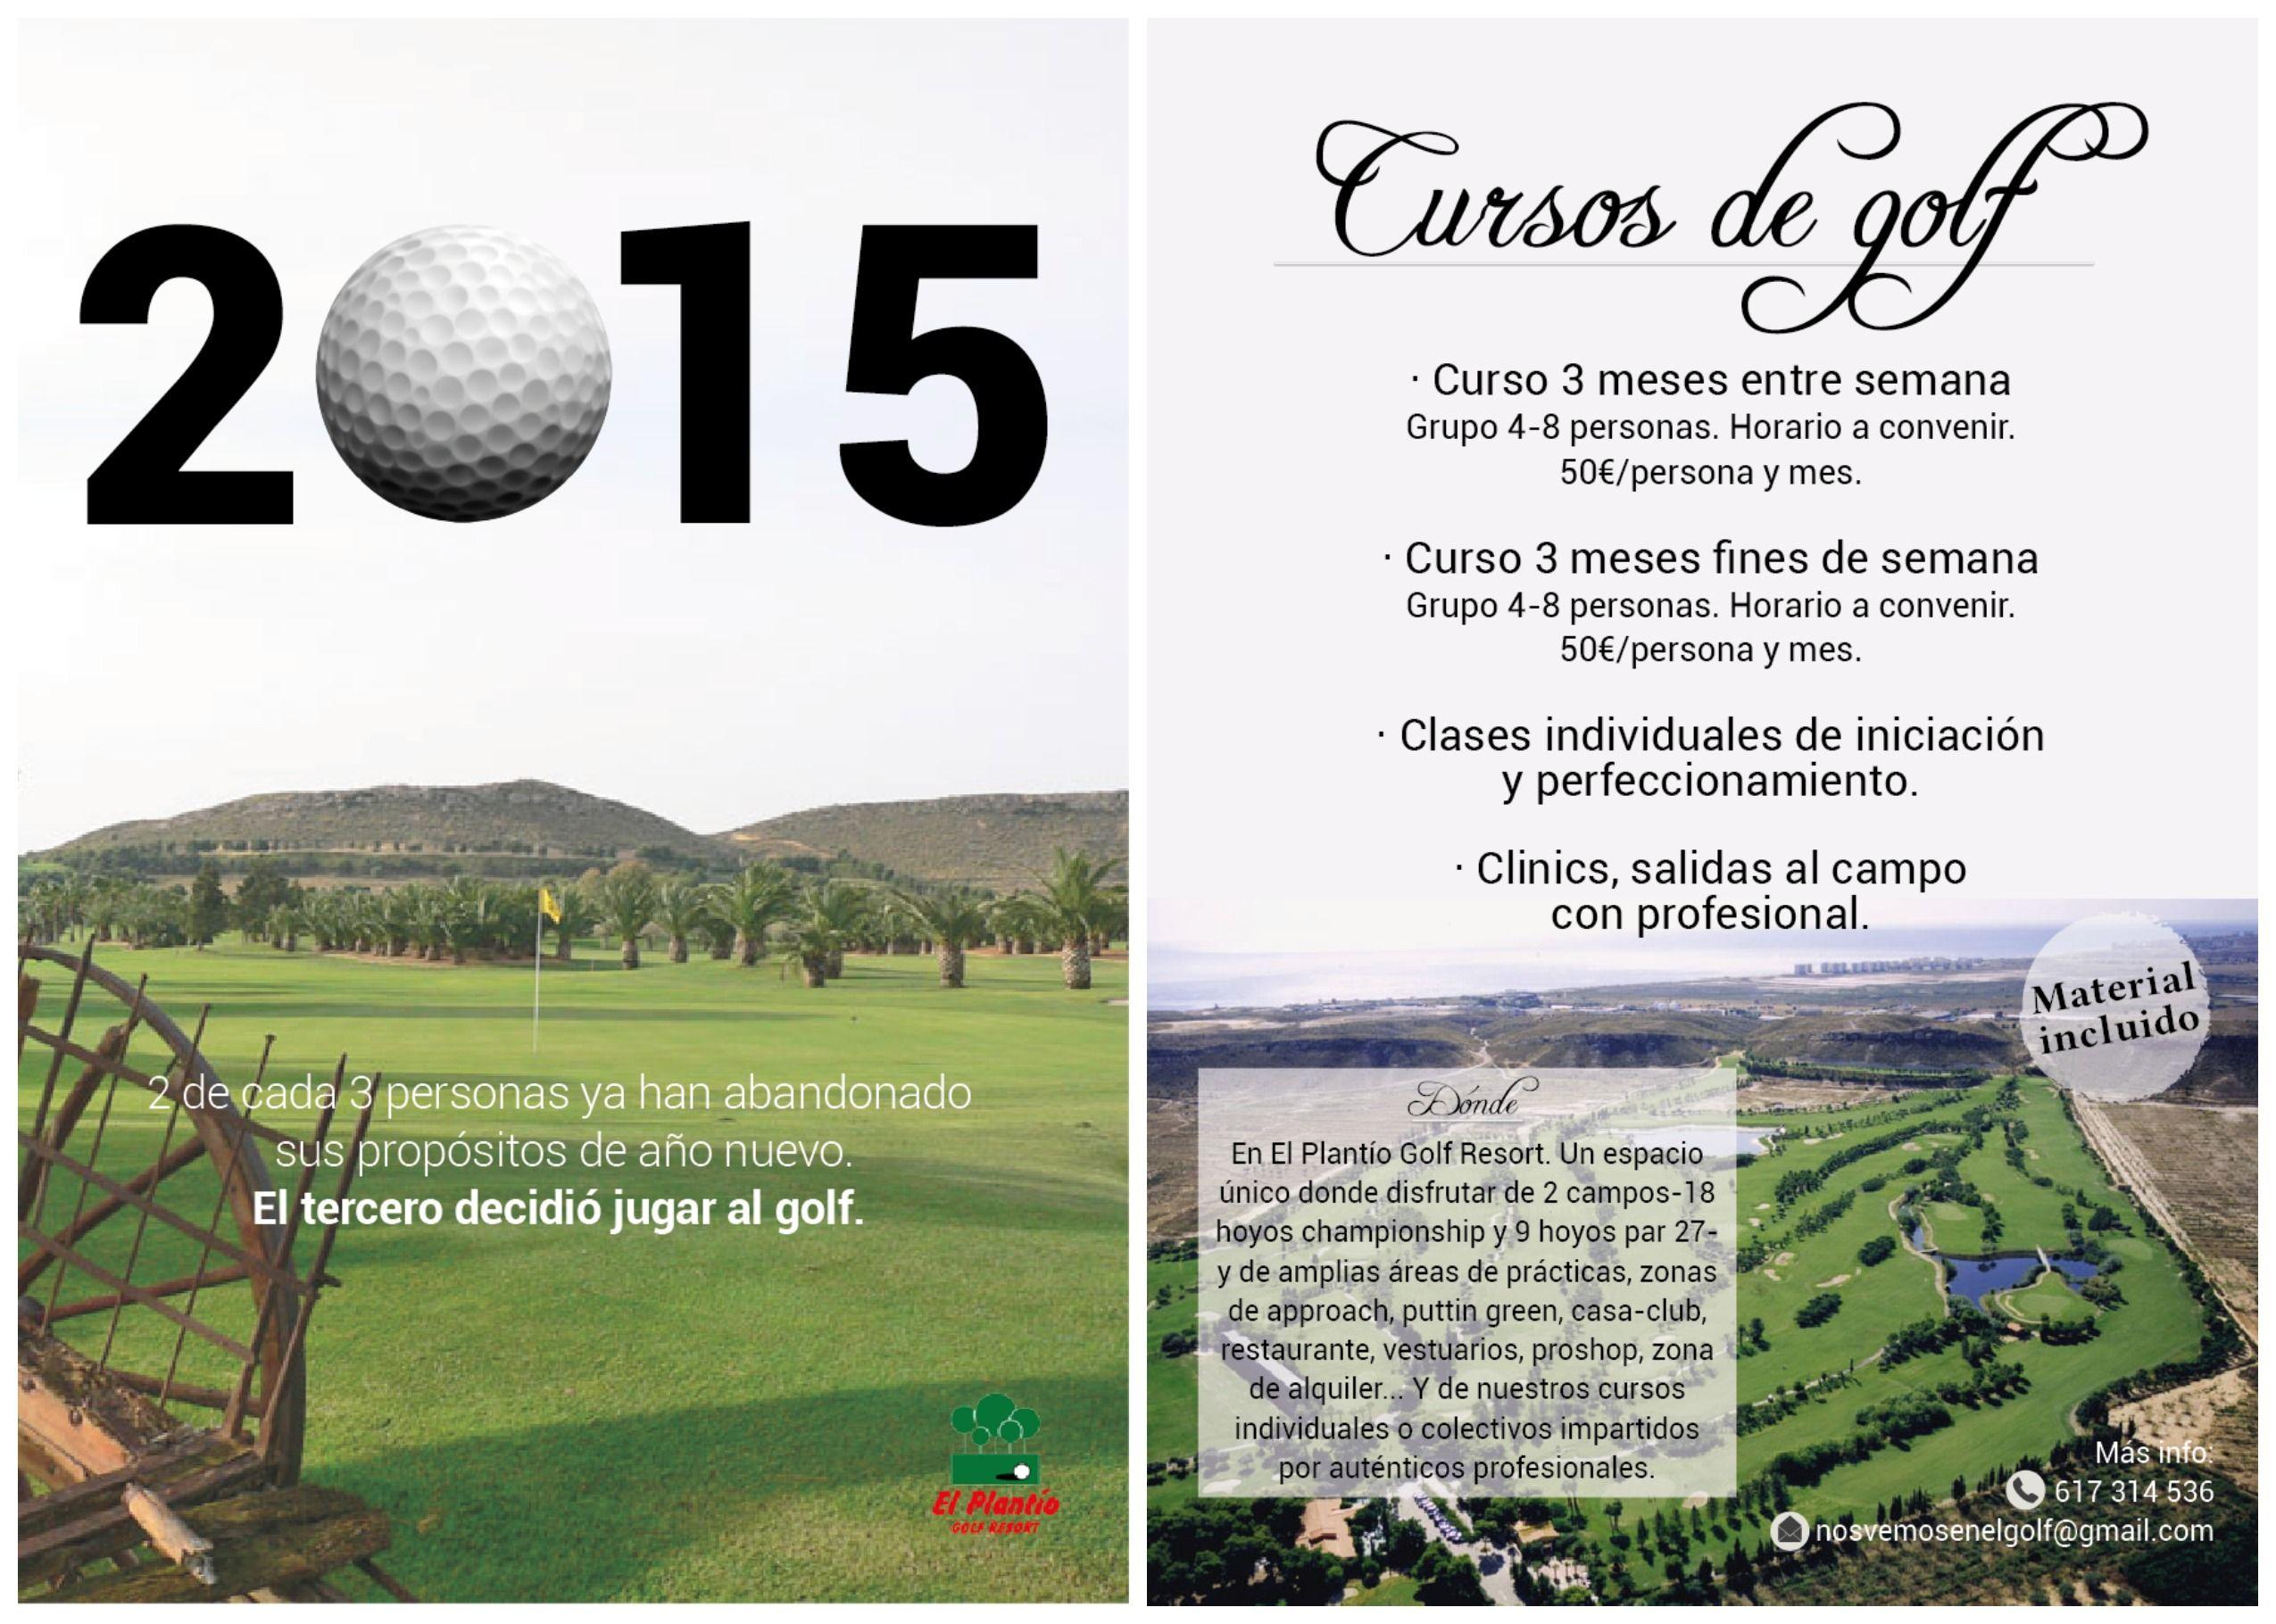 Flyer A Dos Caras A Todo Color Elaborado Para Los Cursos De Golf En El Plantío Fue Elaborado En Enero Del Año 2015 Cursillo Año 2015 Caras